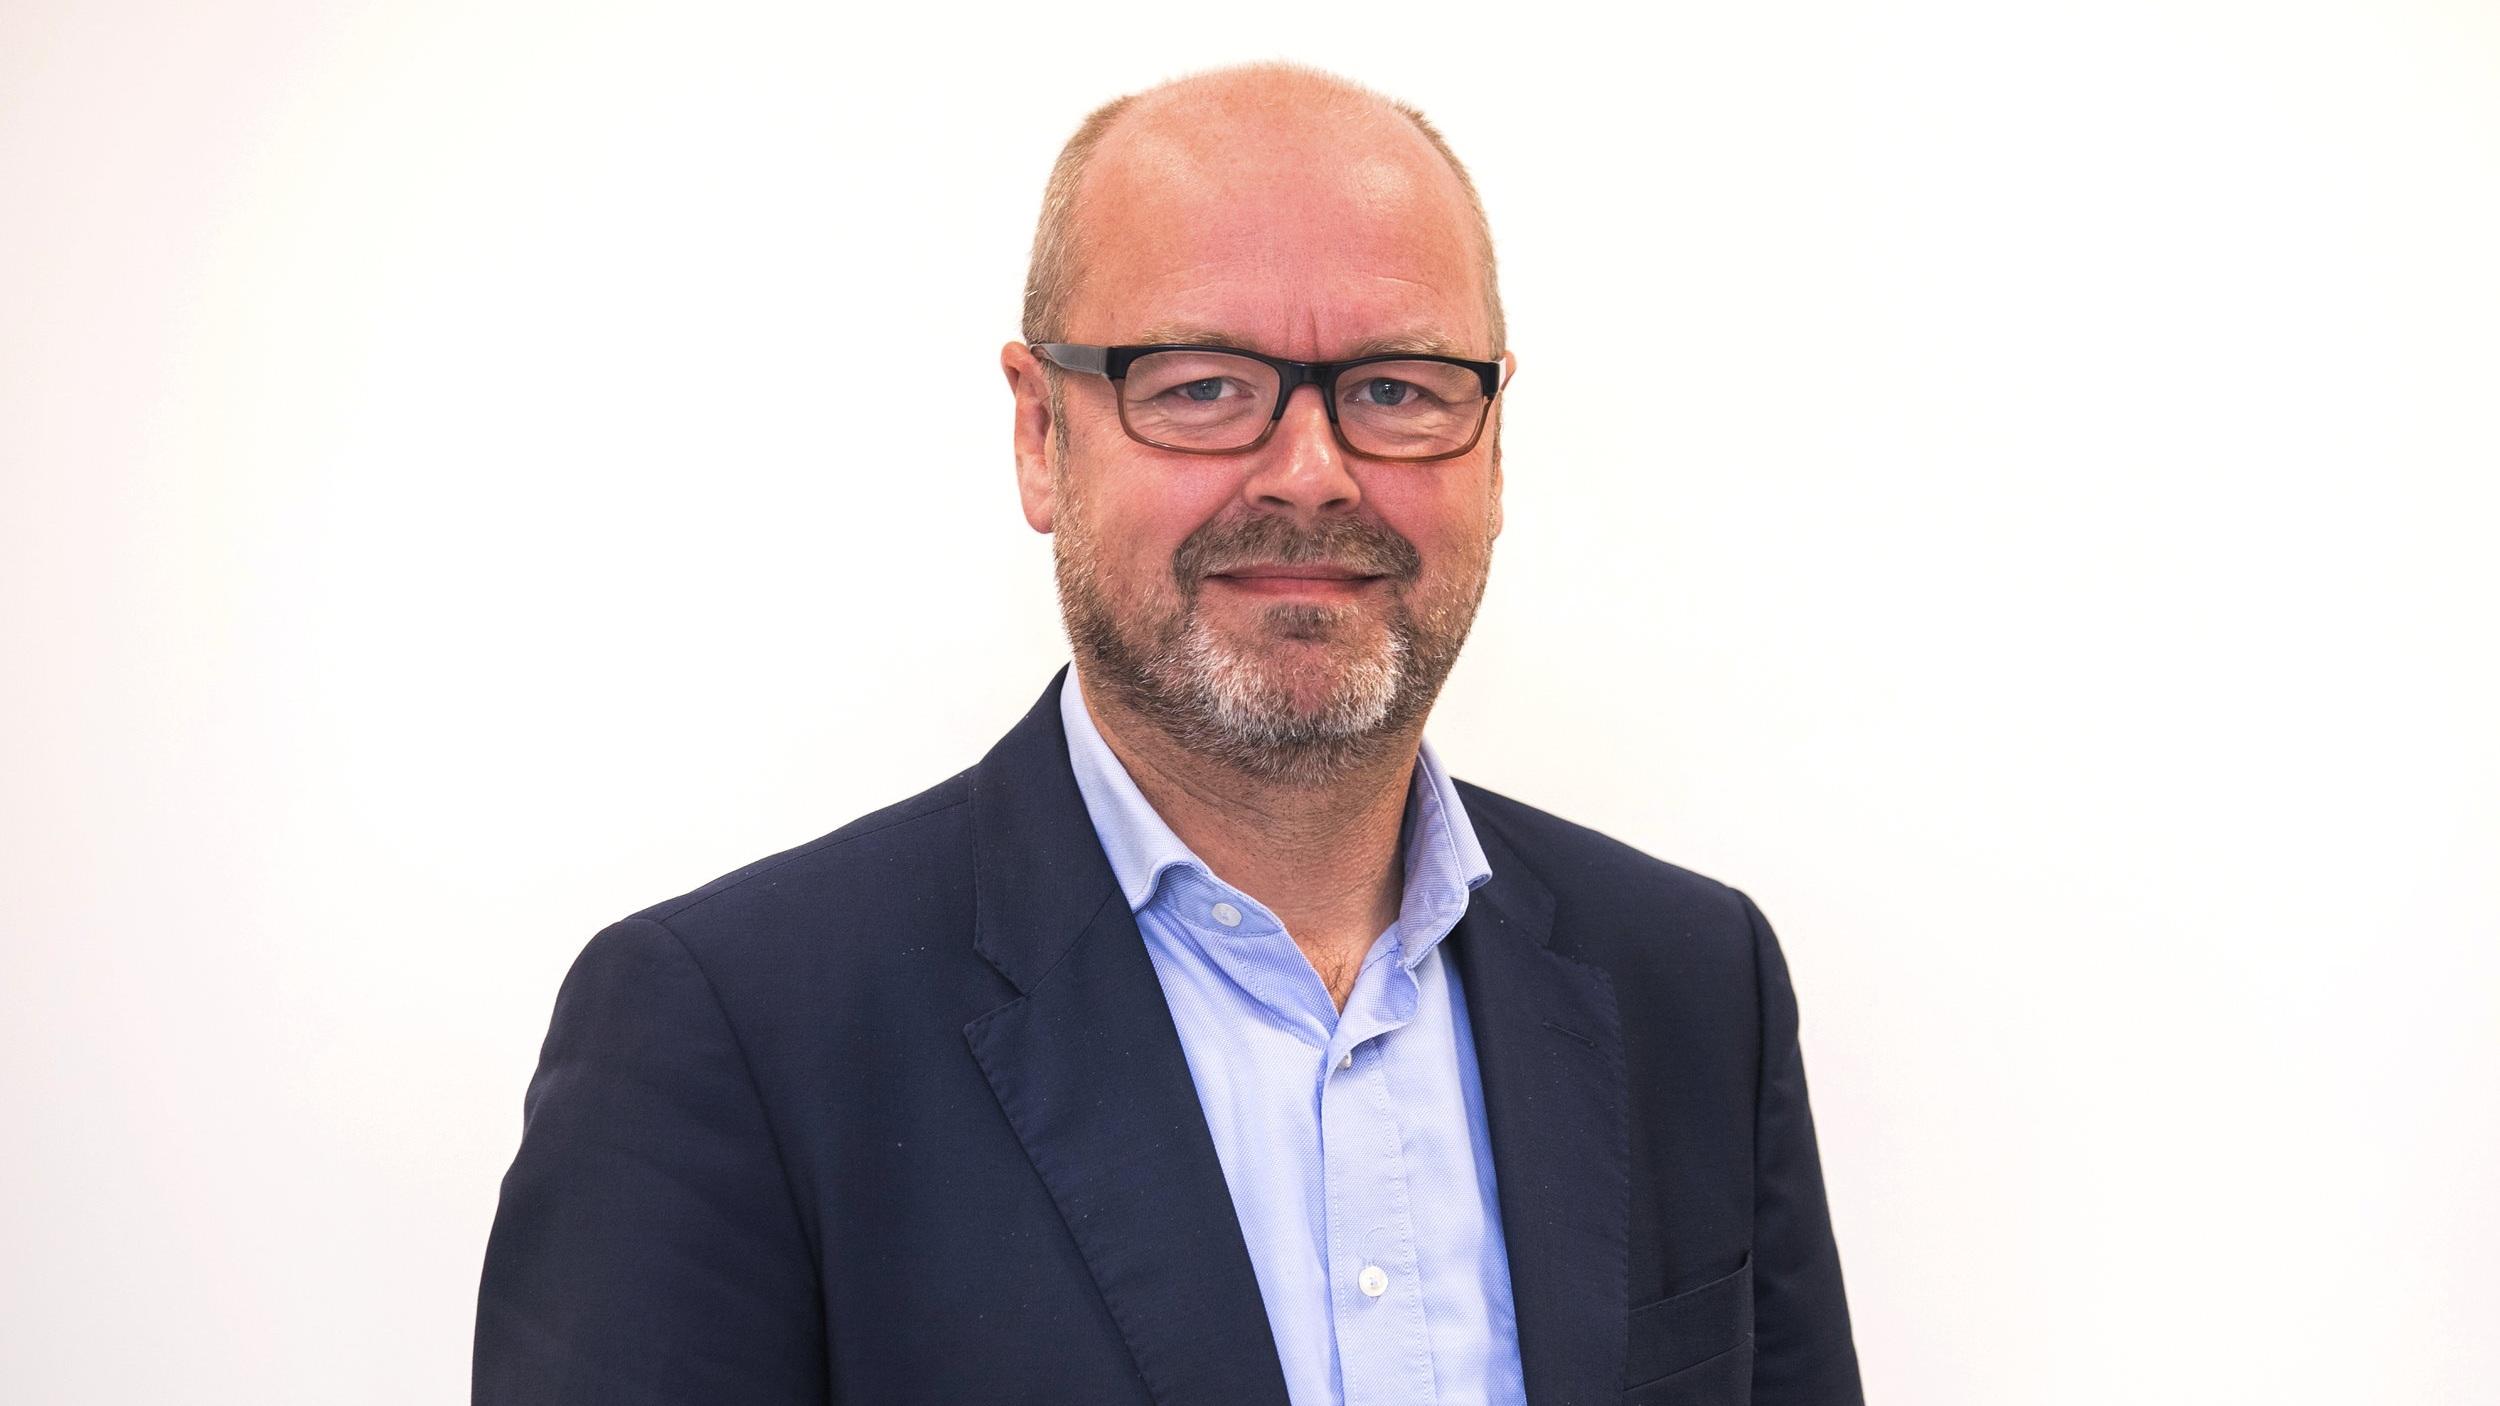 Stefan Joris - Membre consultatif. Depuis 3 ans, Stefan est directeur général de l'association Muco, l'association nationale de patients pour les personnes atteintes de fibrose kystique. Il est également actif au sein de différentes organisations au niveau européen.